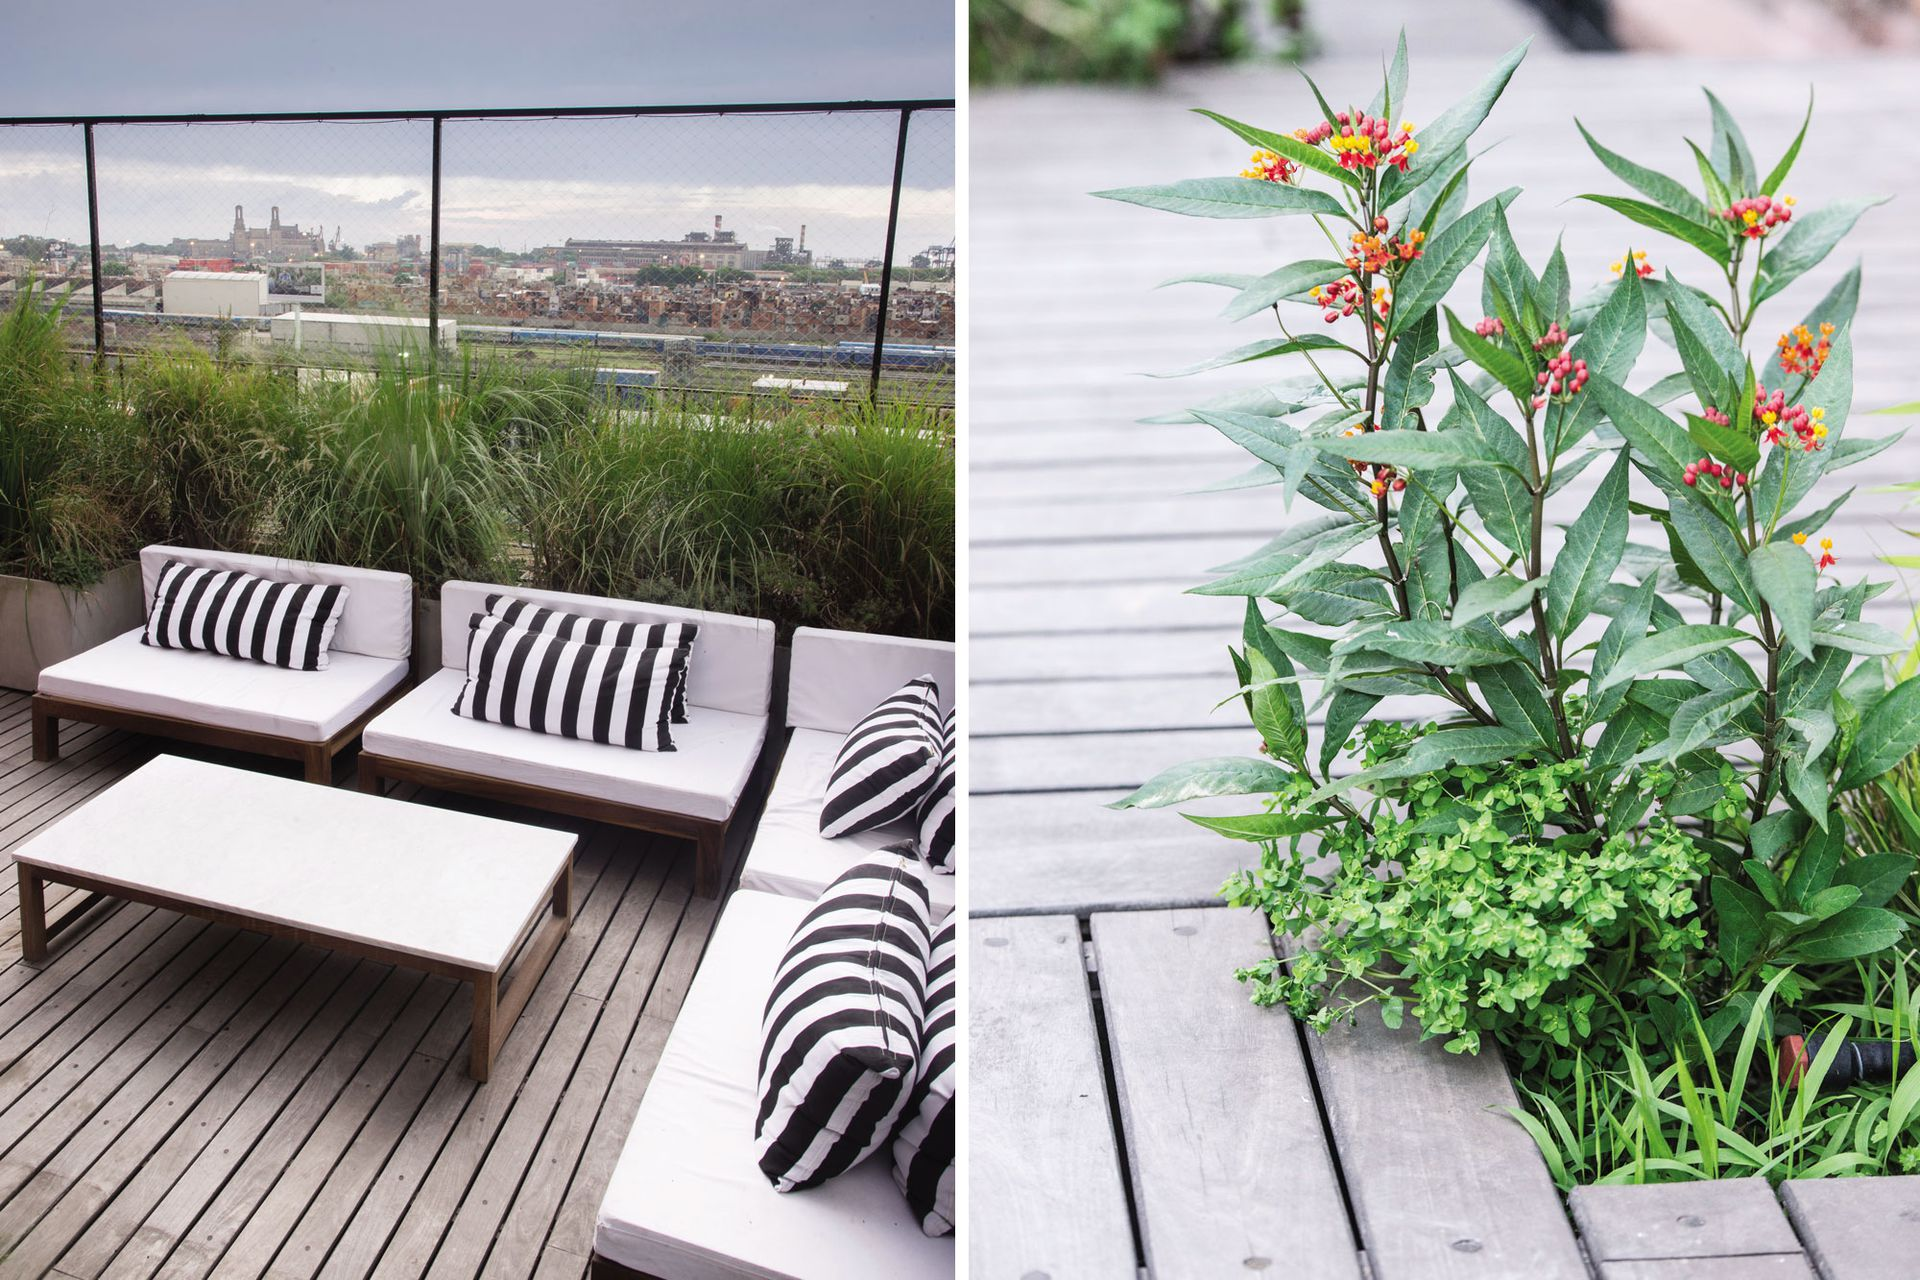 """Un juego de living de madera dura en """"L"""" protagoniza uno de las esquinas de la terraza. Especies como Asclepia curasavica (derecha) componen un conjunto compuesto por plantas altas y silvestres."""